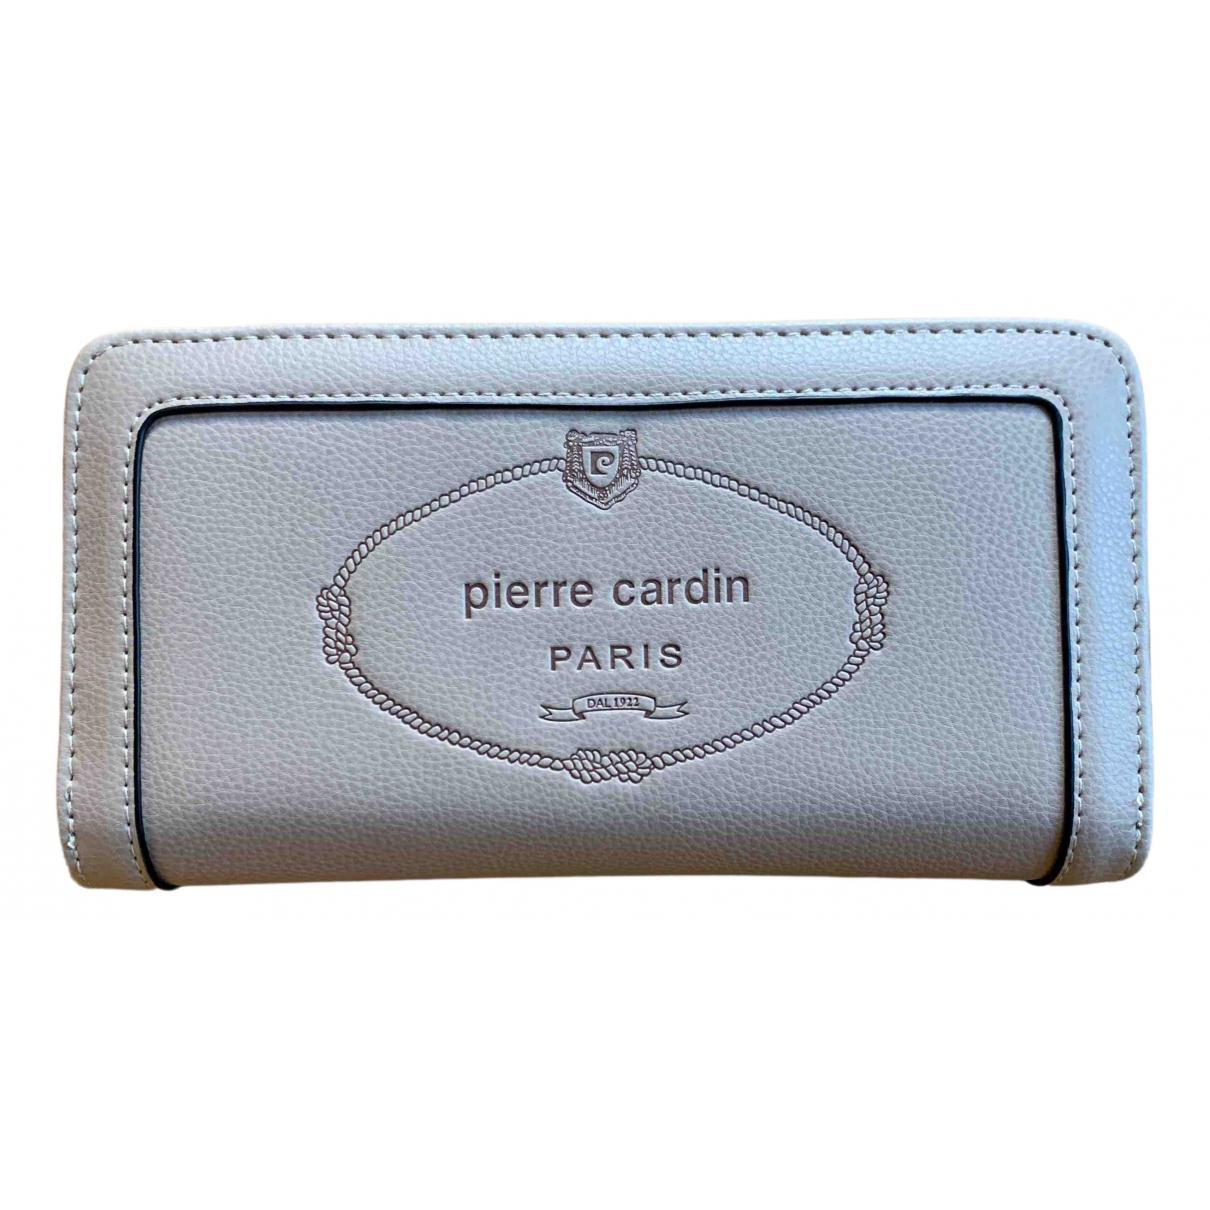 Pierre Cardin \N Beige wallet for Women \N